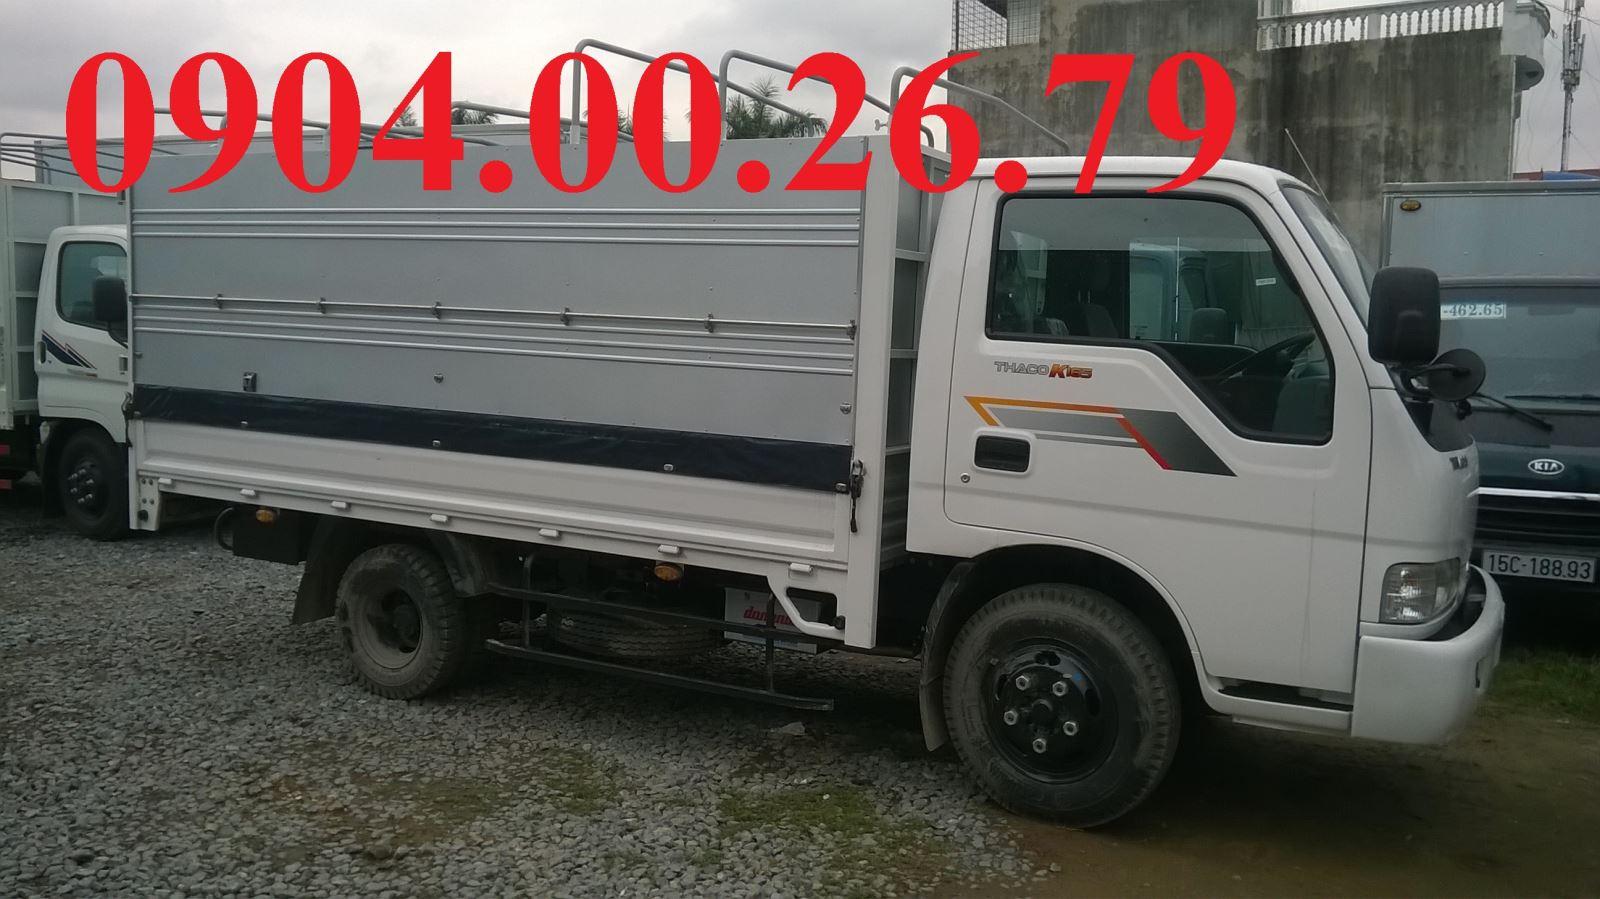 Hình ảnh xe tải kia 2,4 tấn hải phòng